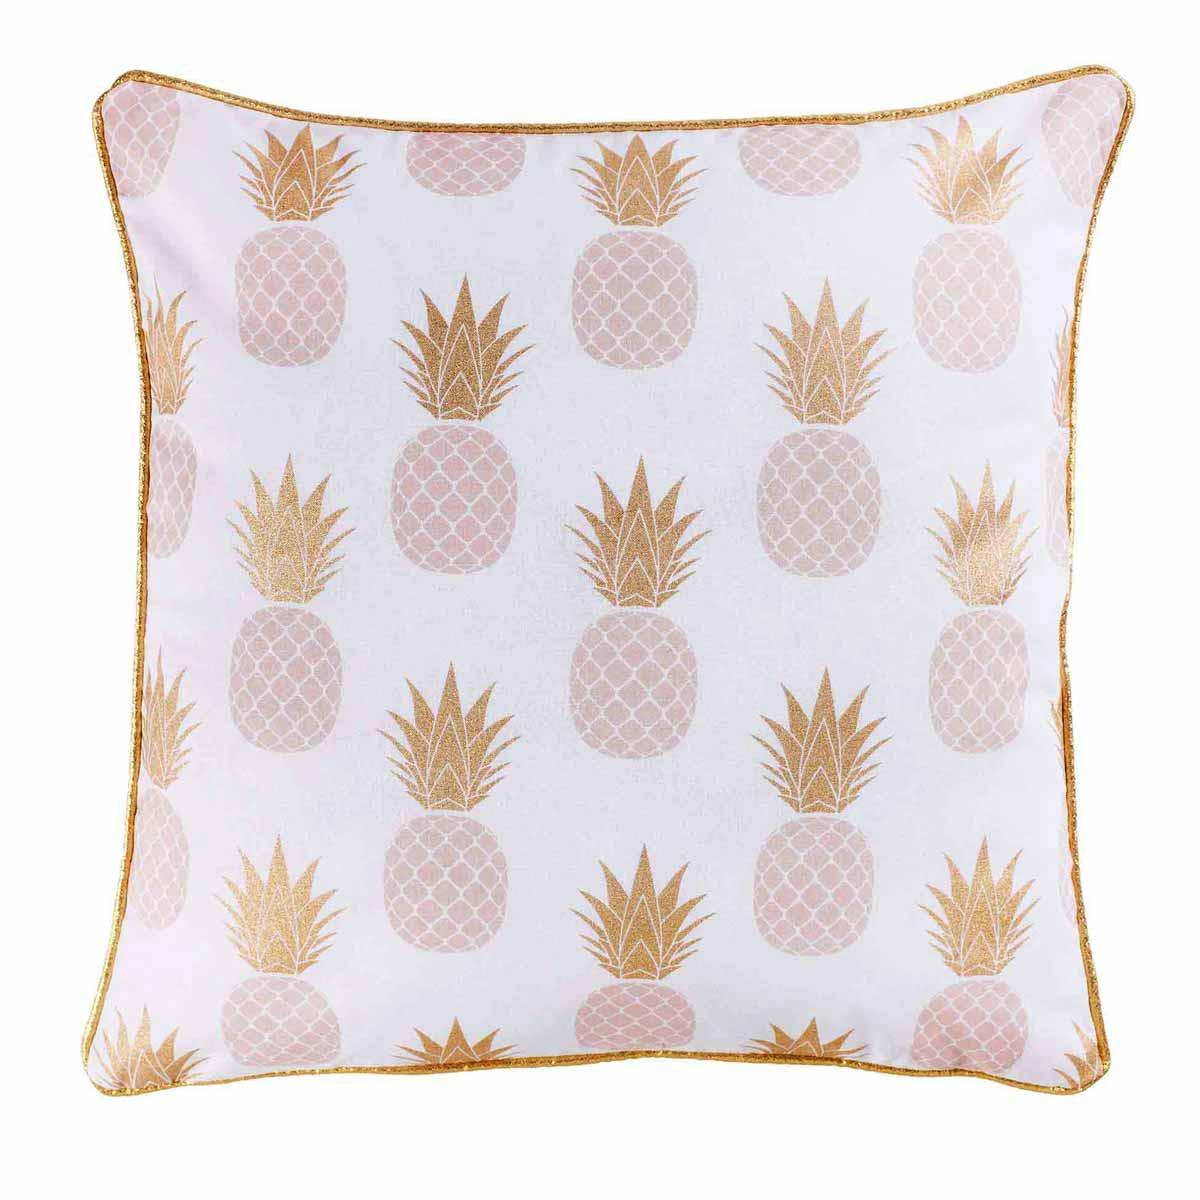 Διακοσμητική Μαξιλαροθήκη Sweet Ananas Sans 1607771